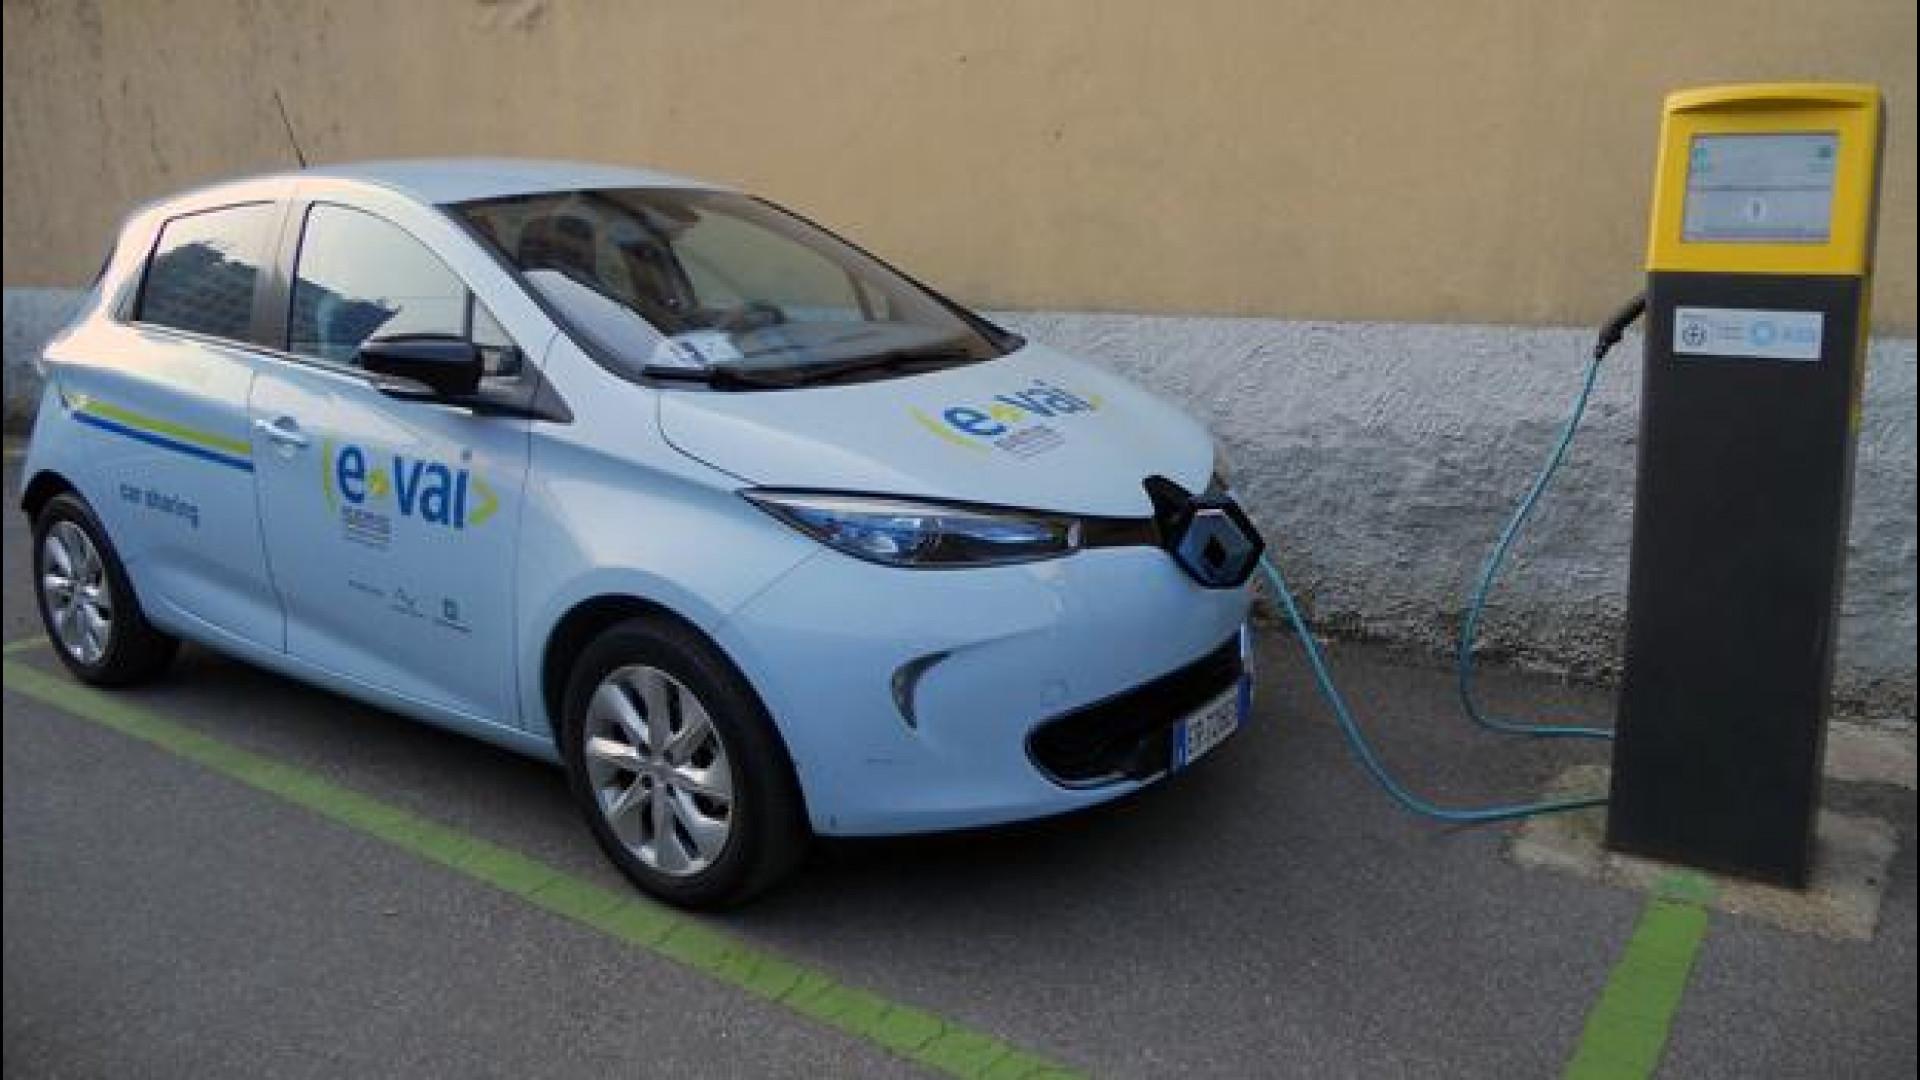 Car sharing, Renault ZOE entra nella flotta di e-vai